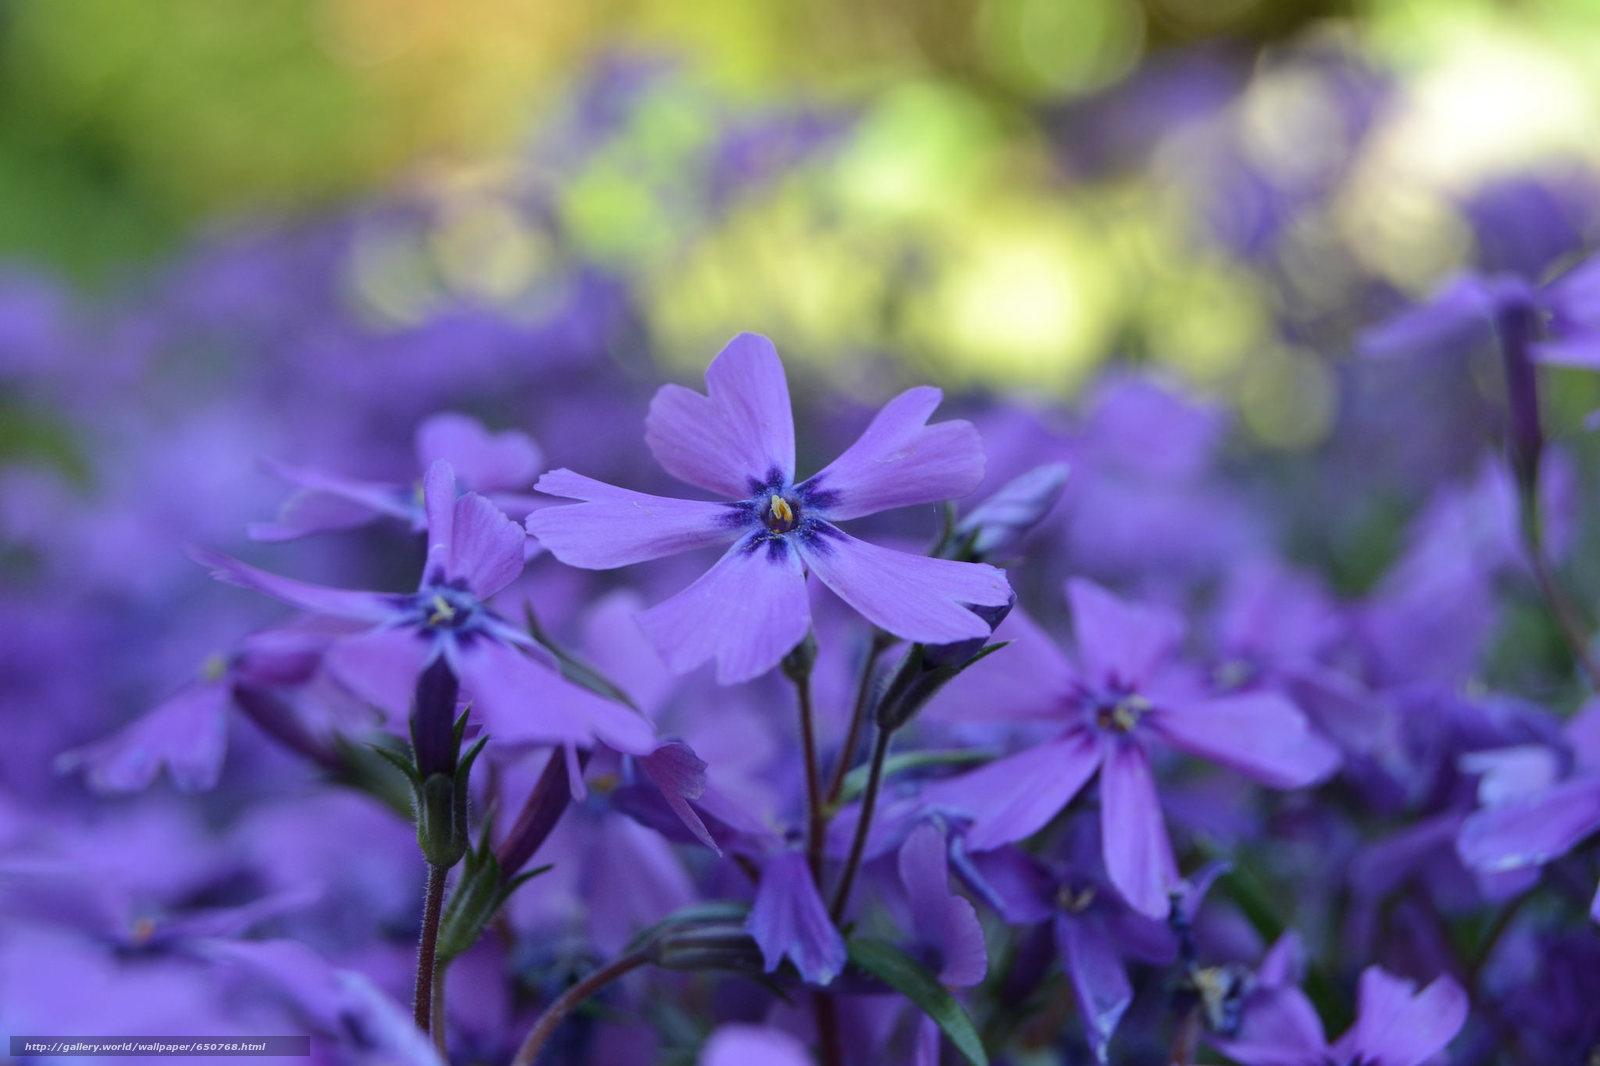 Скачать обои цветы,  цветок,  макро,  флора бесплатно для рабочего стола в разрешении 2048x1365 — картинка №650768